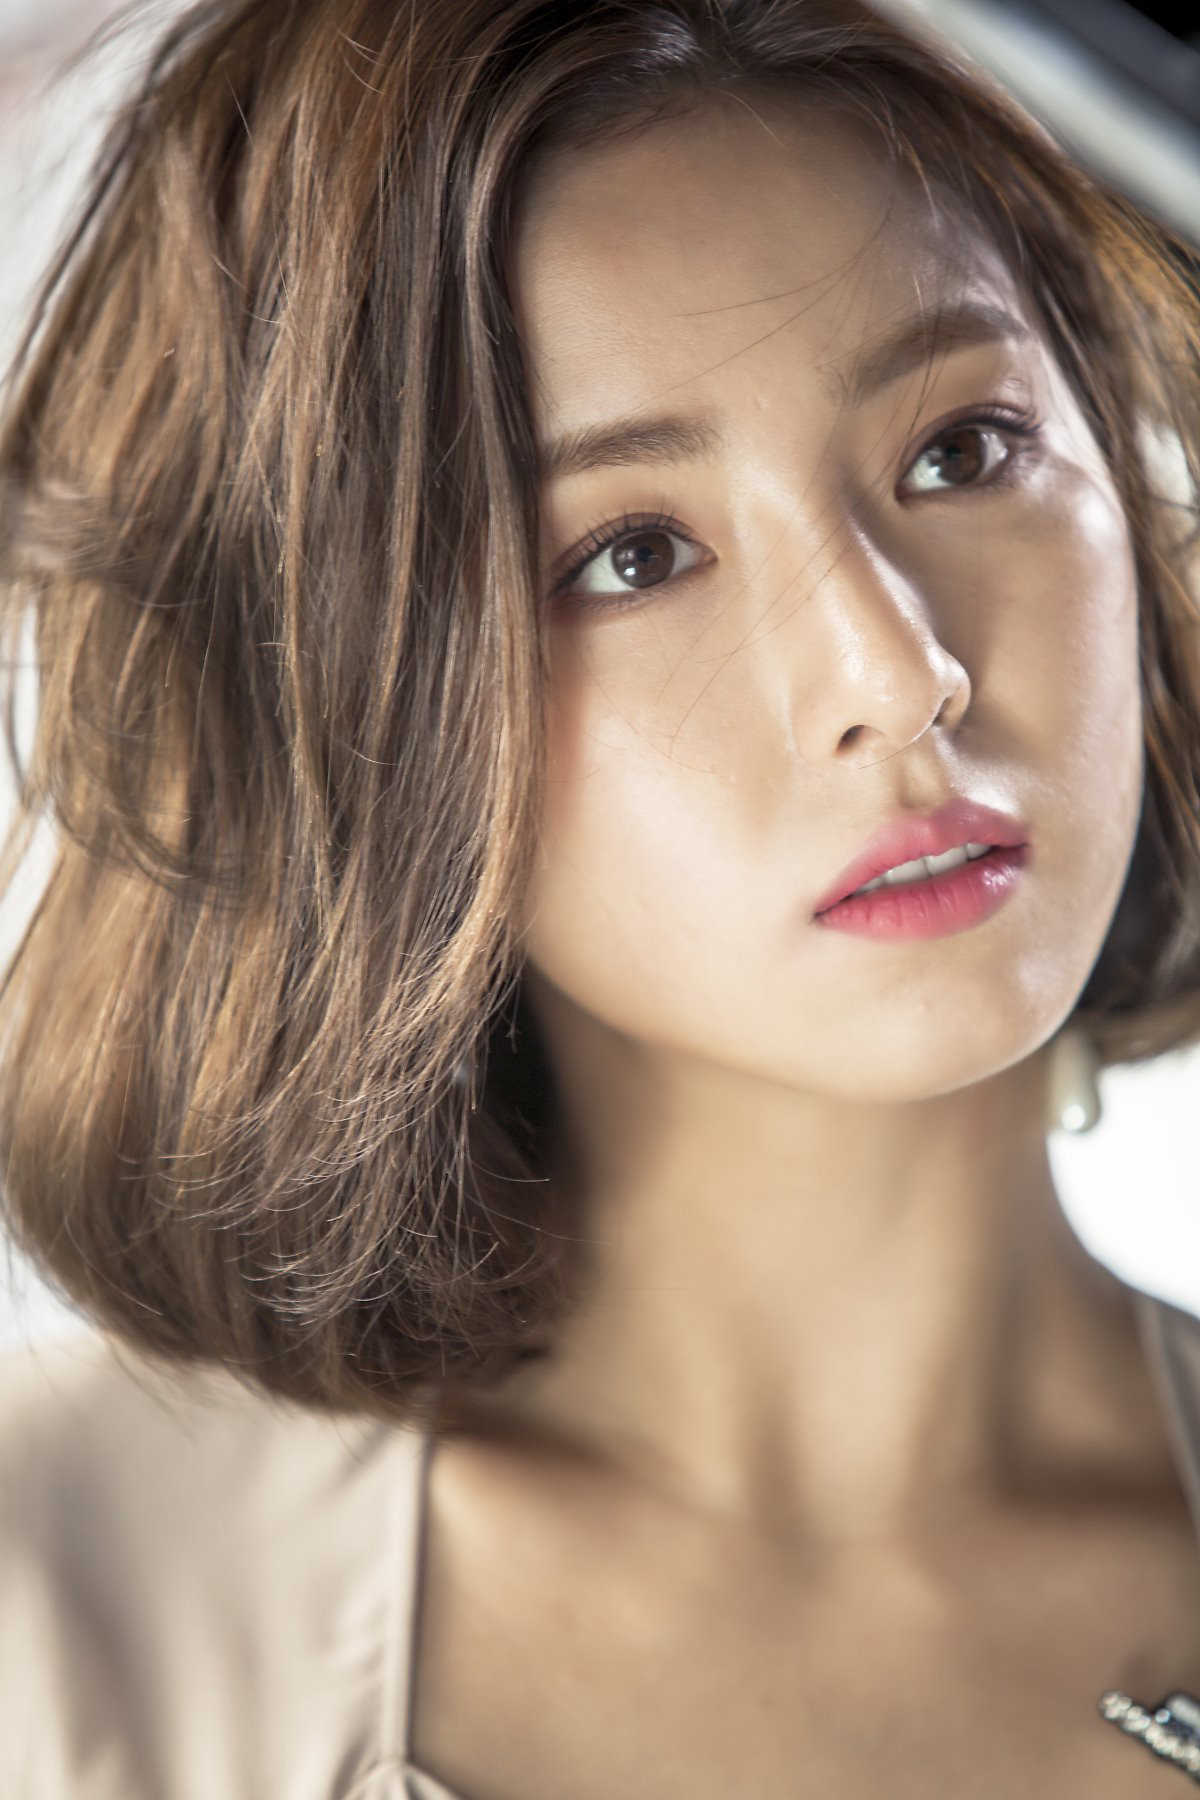 Phim của Yoo Seung Ho bị Kỵ Sĩ của Shin Se Kyung vượt mặt ngay tập đầu - Ảnh 7.